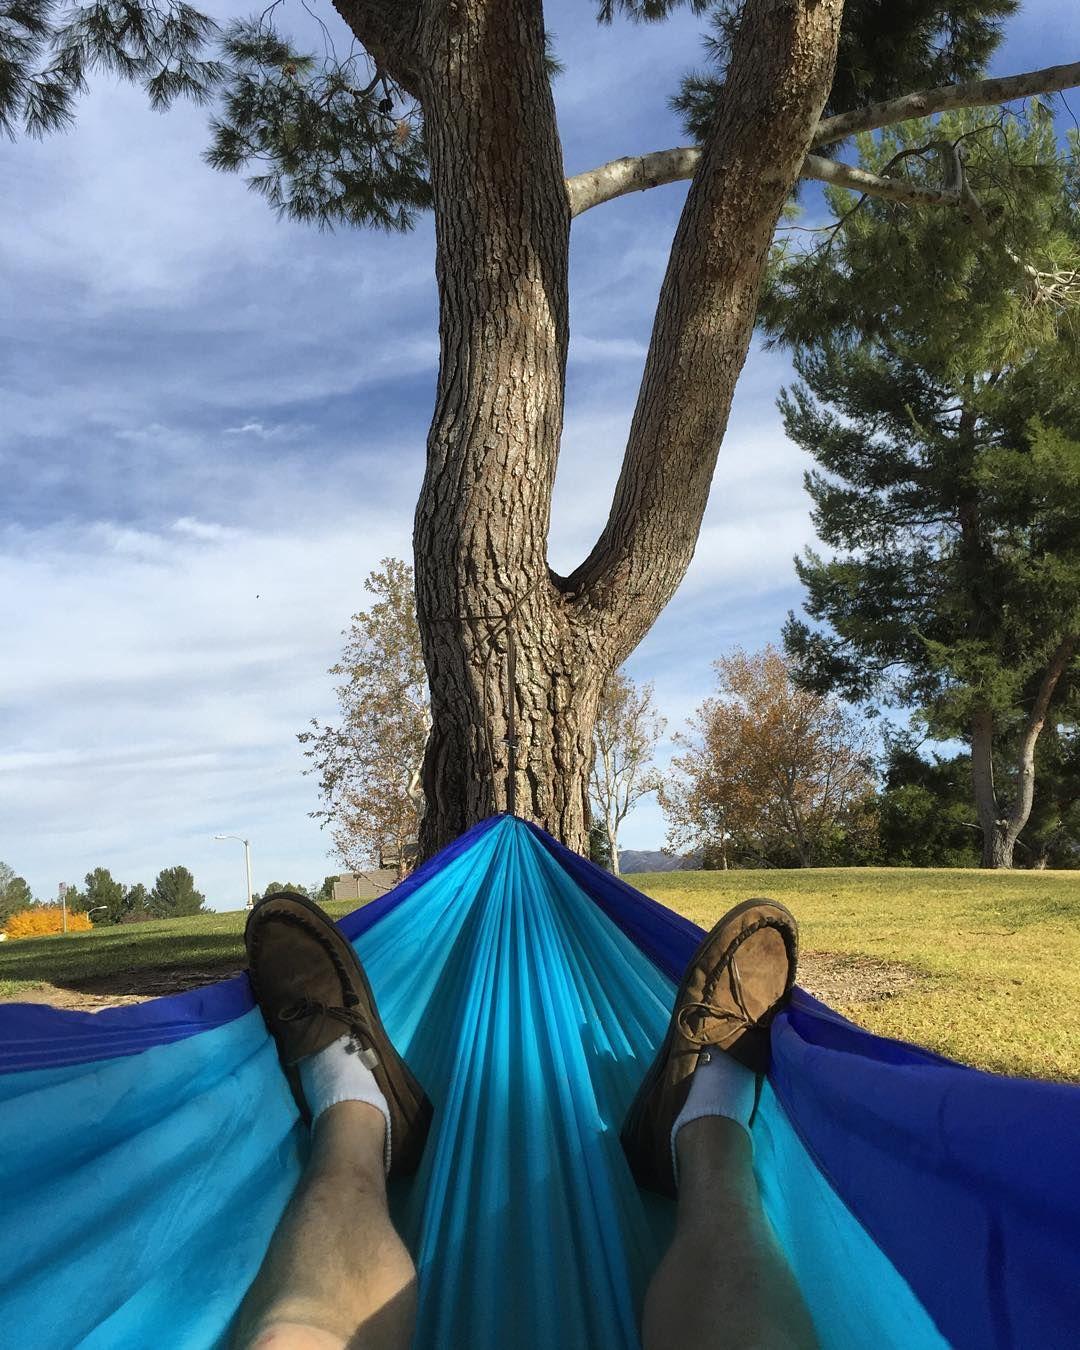 Hanging out. #hammocklife by @trevor_fenner